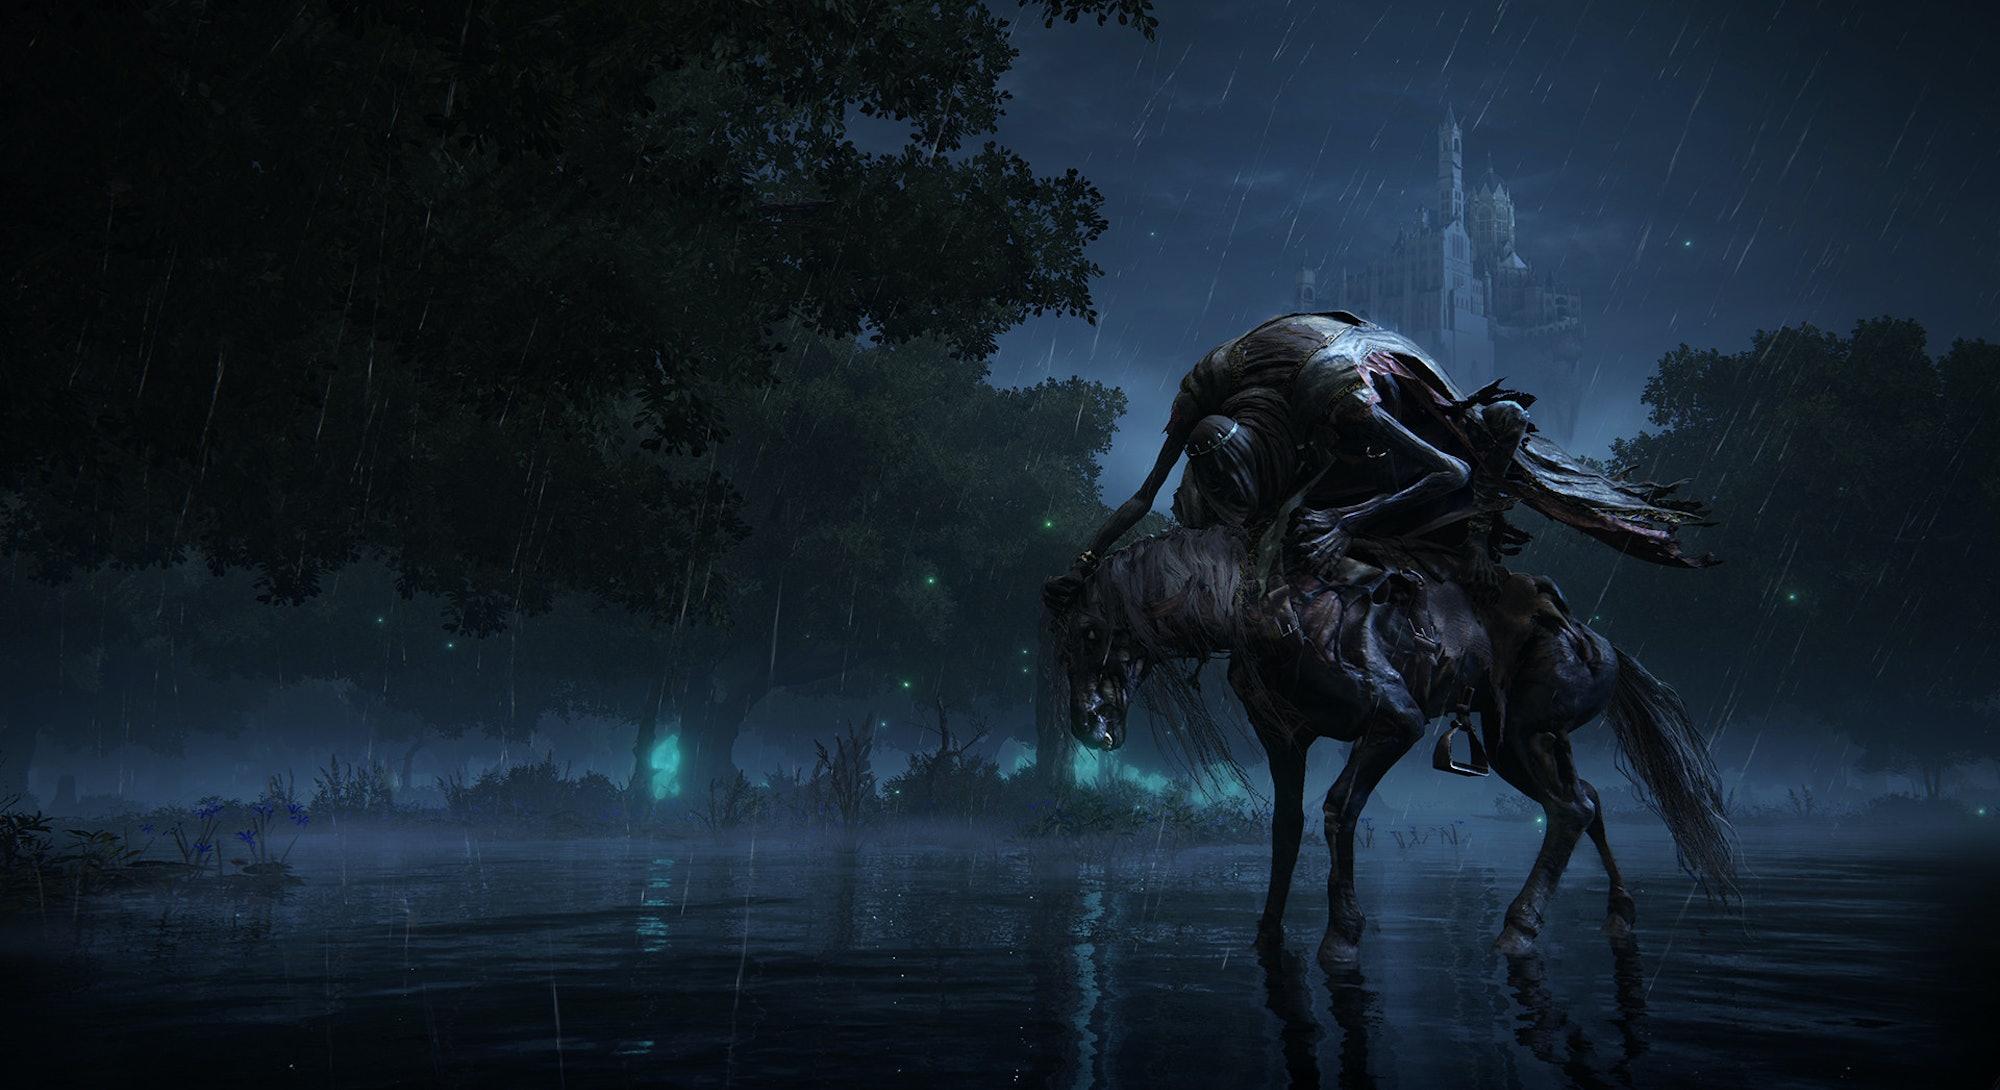 monstrous knight on horseback from Elden Ring